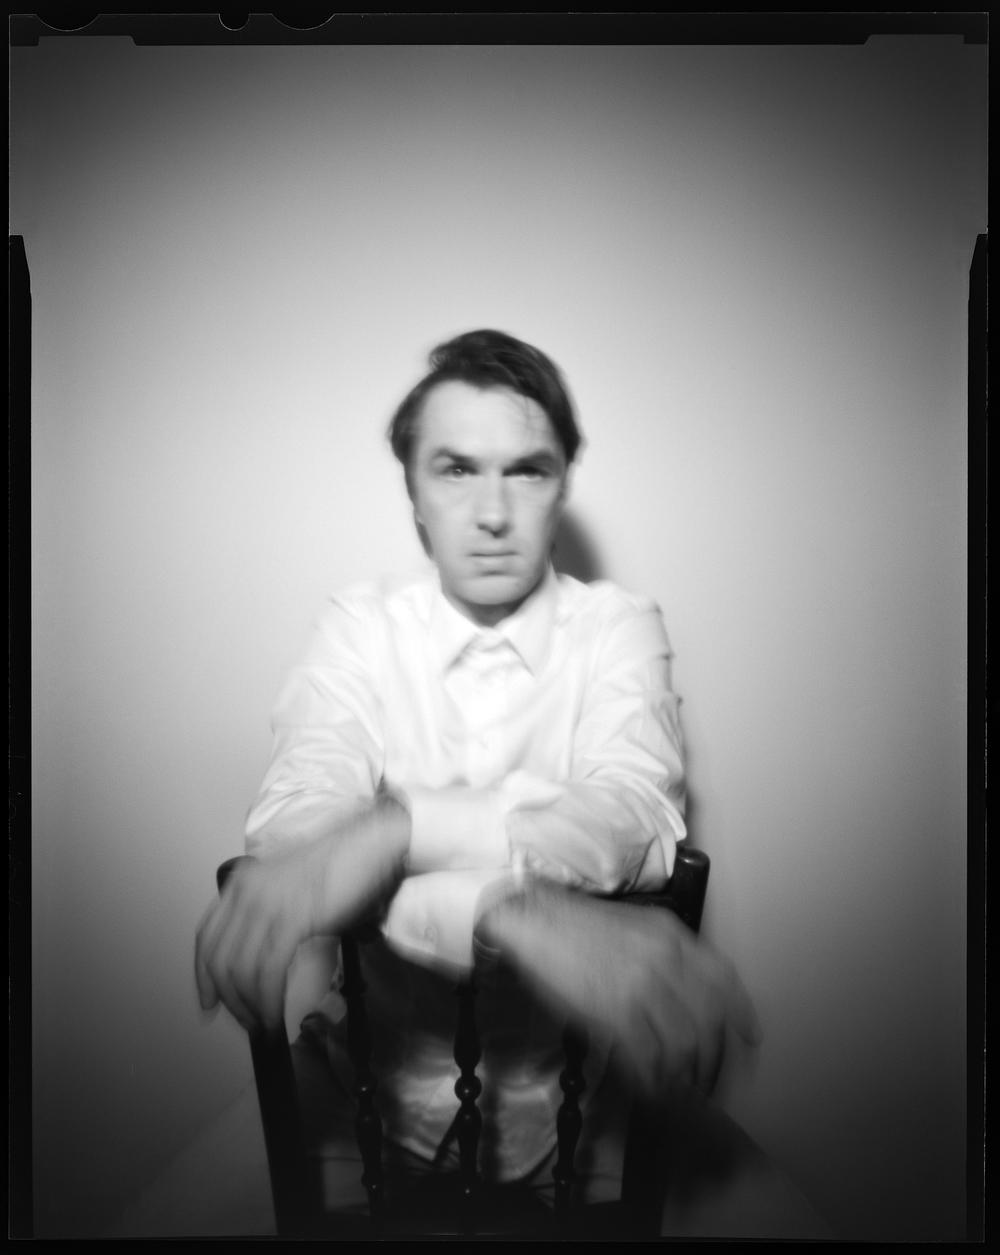 selbst portrait  / exposure time ≈ 00:01:30 © 2012 svemart